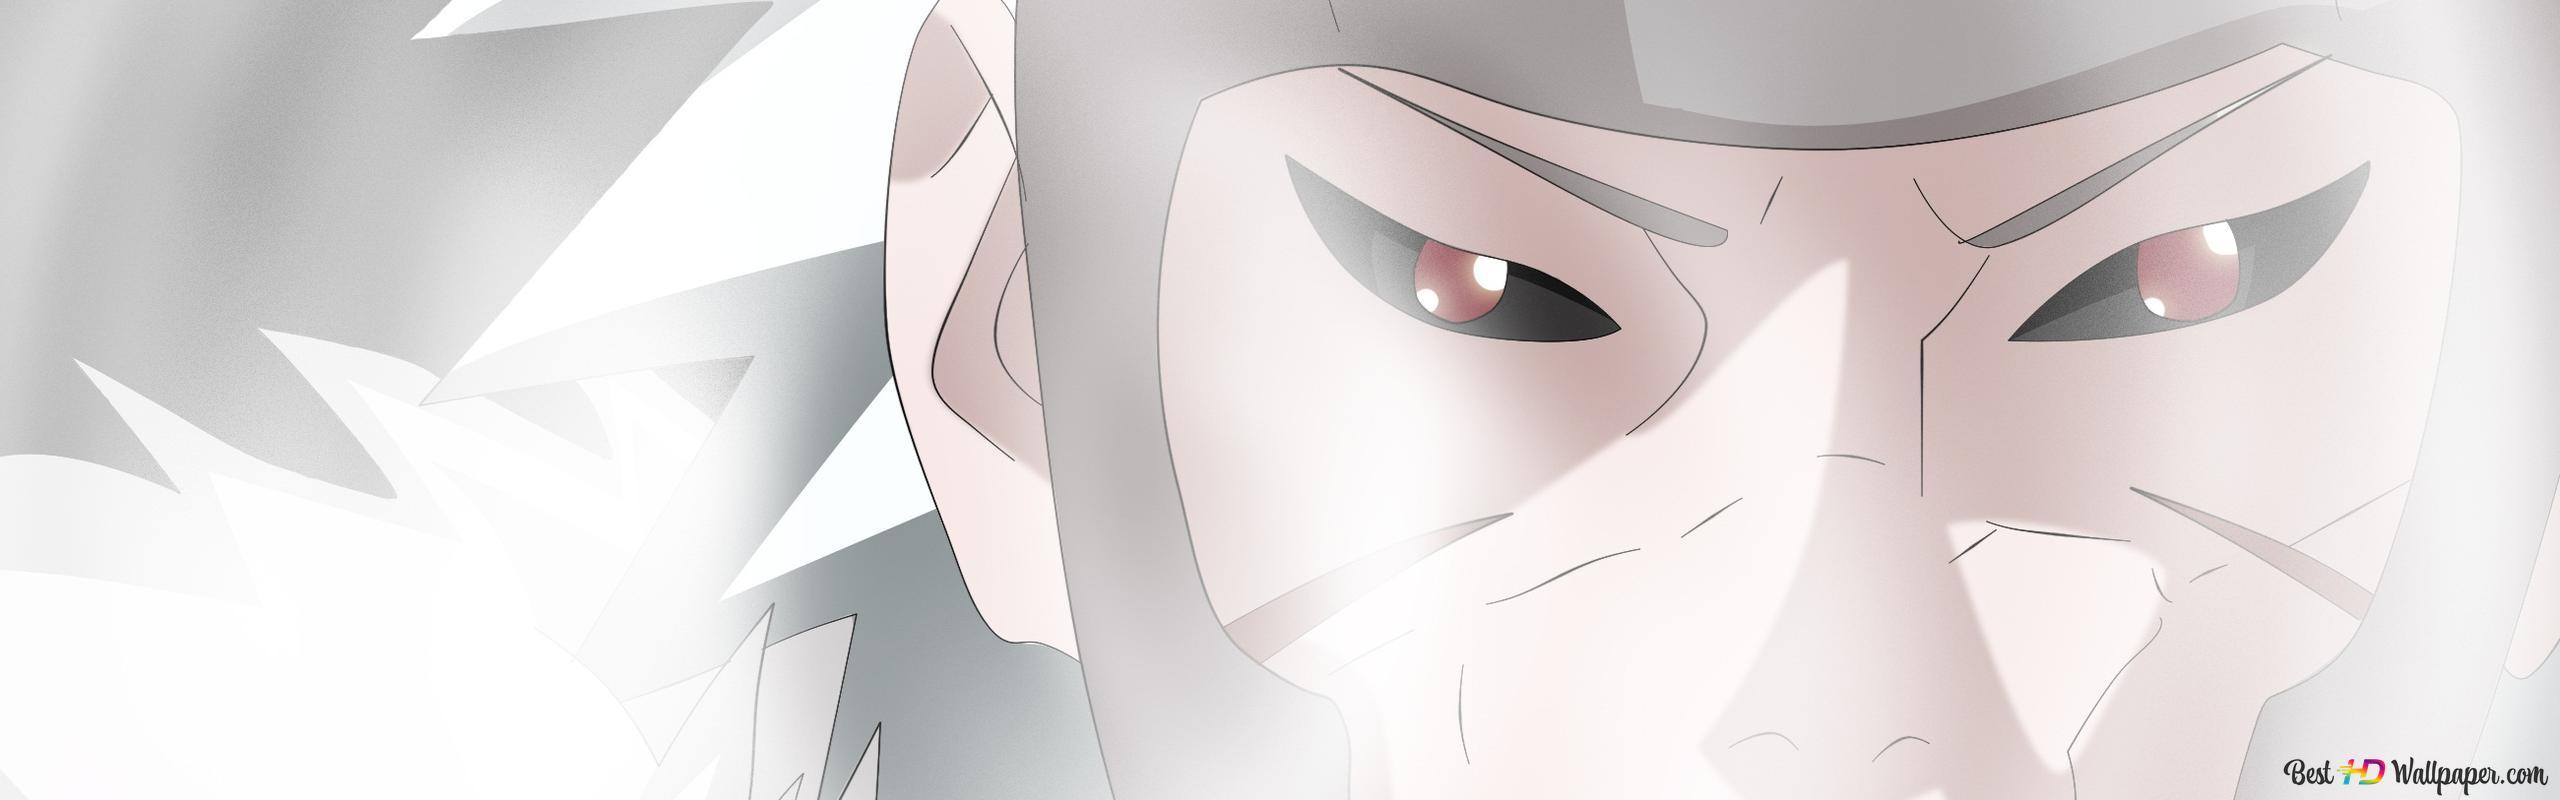 Naruto Shippuden Tobirama Senju Hd Wallpaper Download